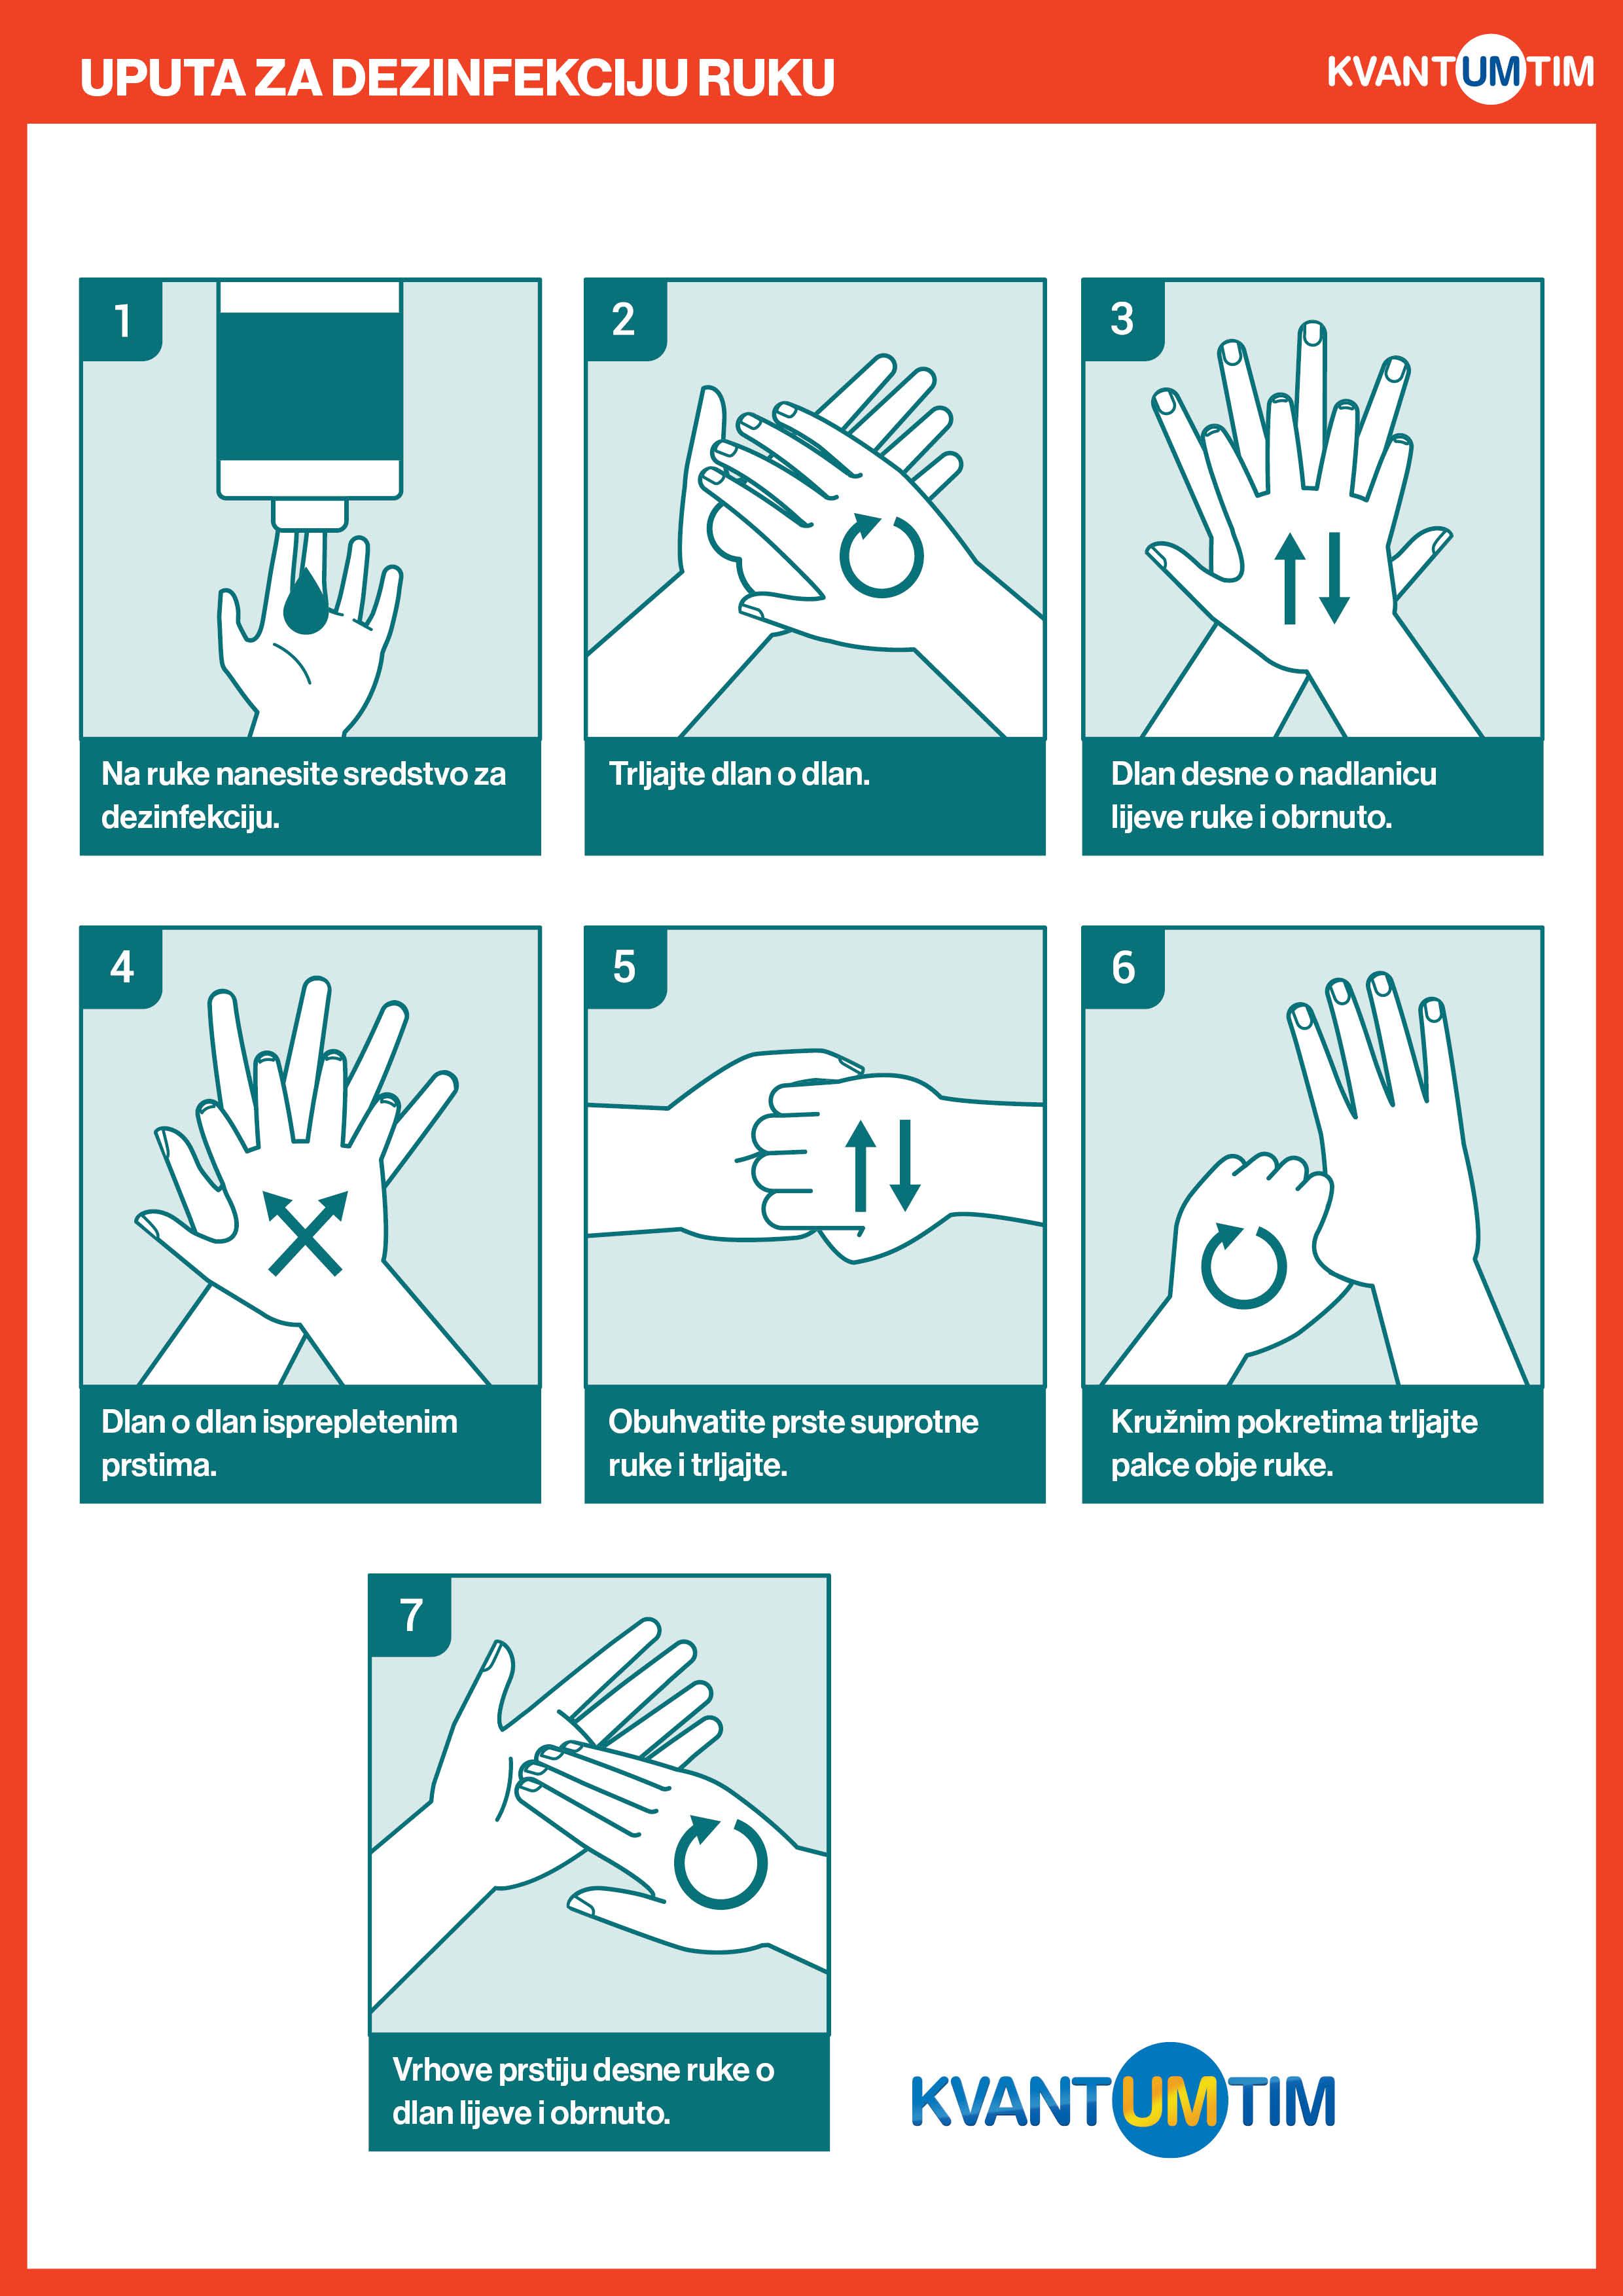 Upute za pravilno pranje i dezinfekciju ruku - dezinfekcija